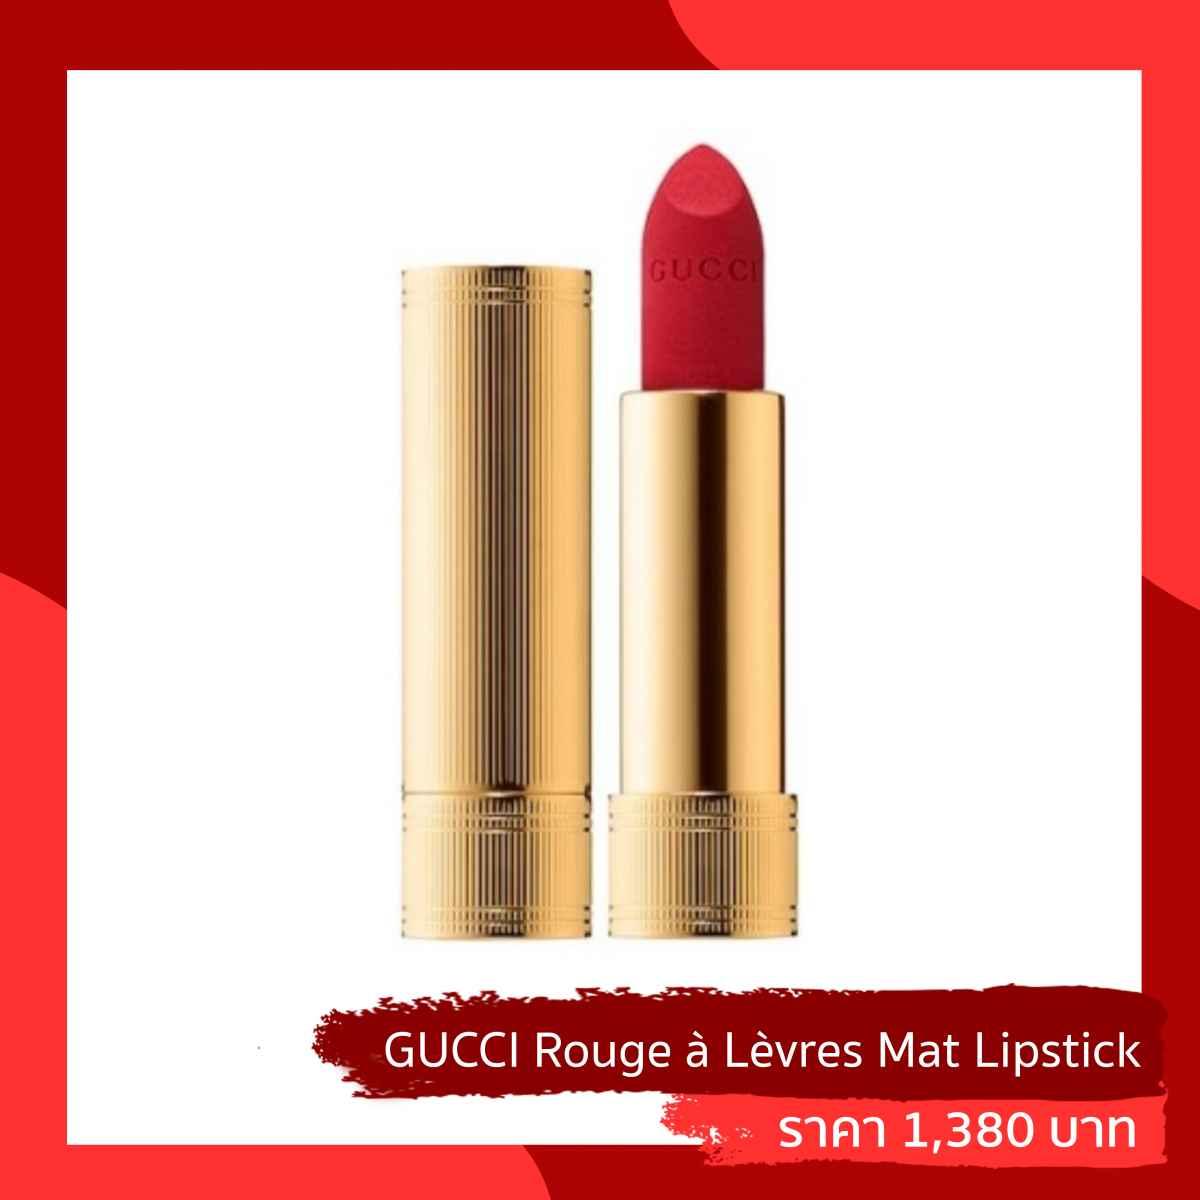 GUCCI Rouge à Lèvres Mat Lipstick